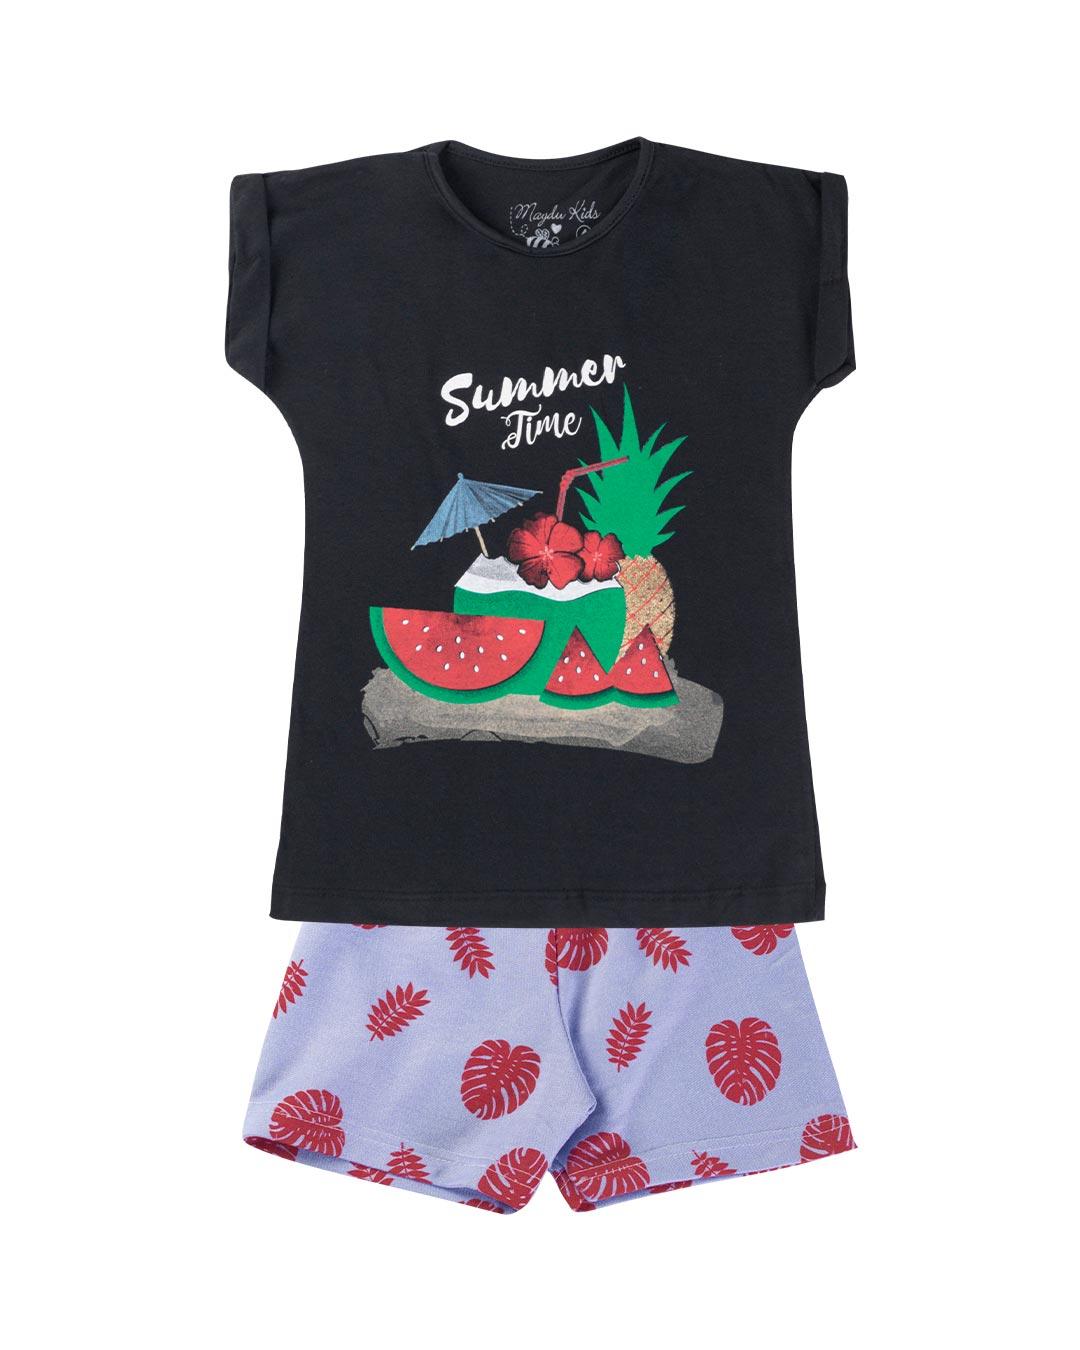 Conjunto Infantil Summer Time - Maydu Kids